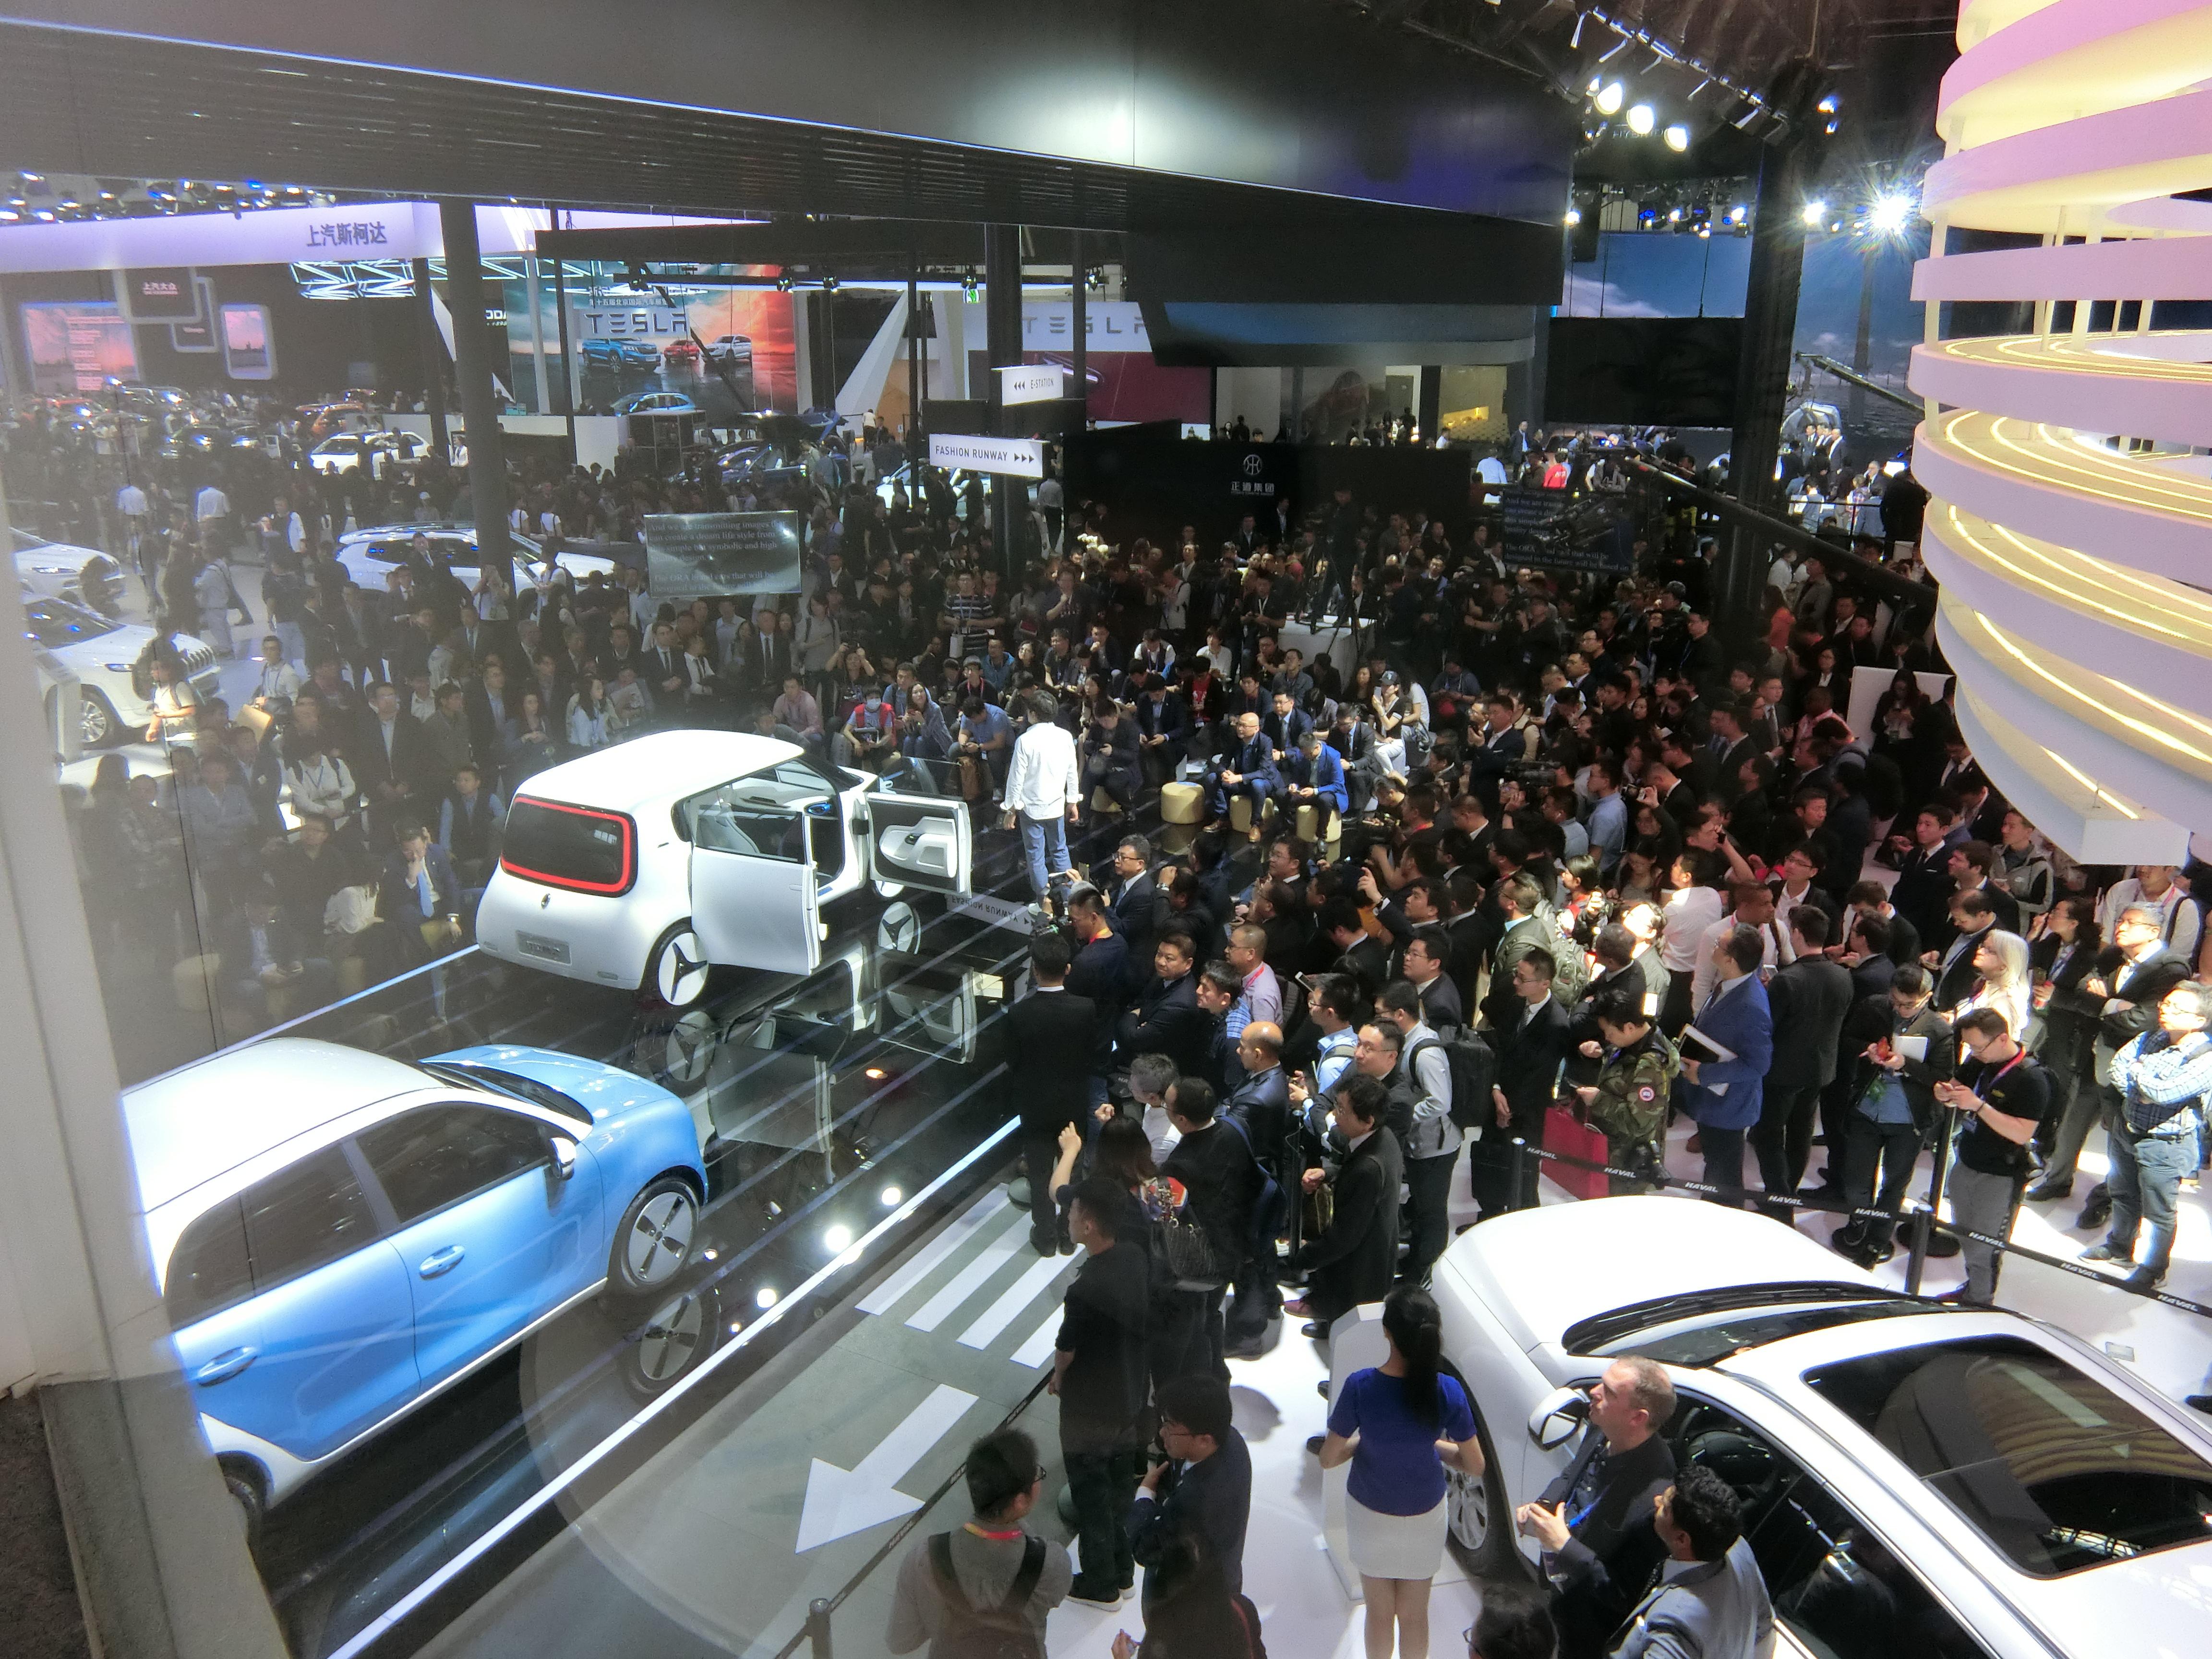 消费体验待提升 新能源汽车:无售后无未来